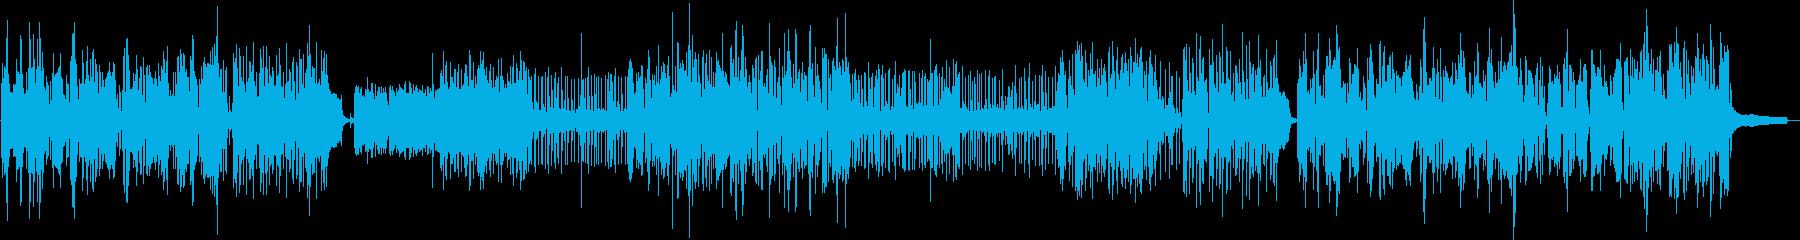 ピアノとブラスのジャズセッションの再生済みの波形